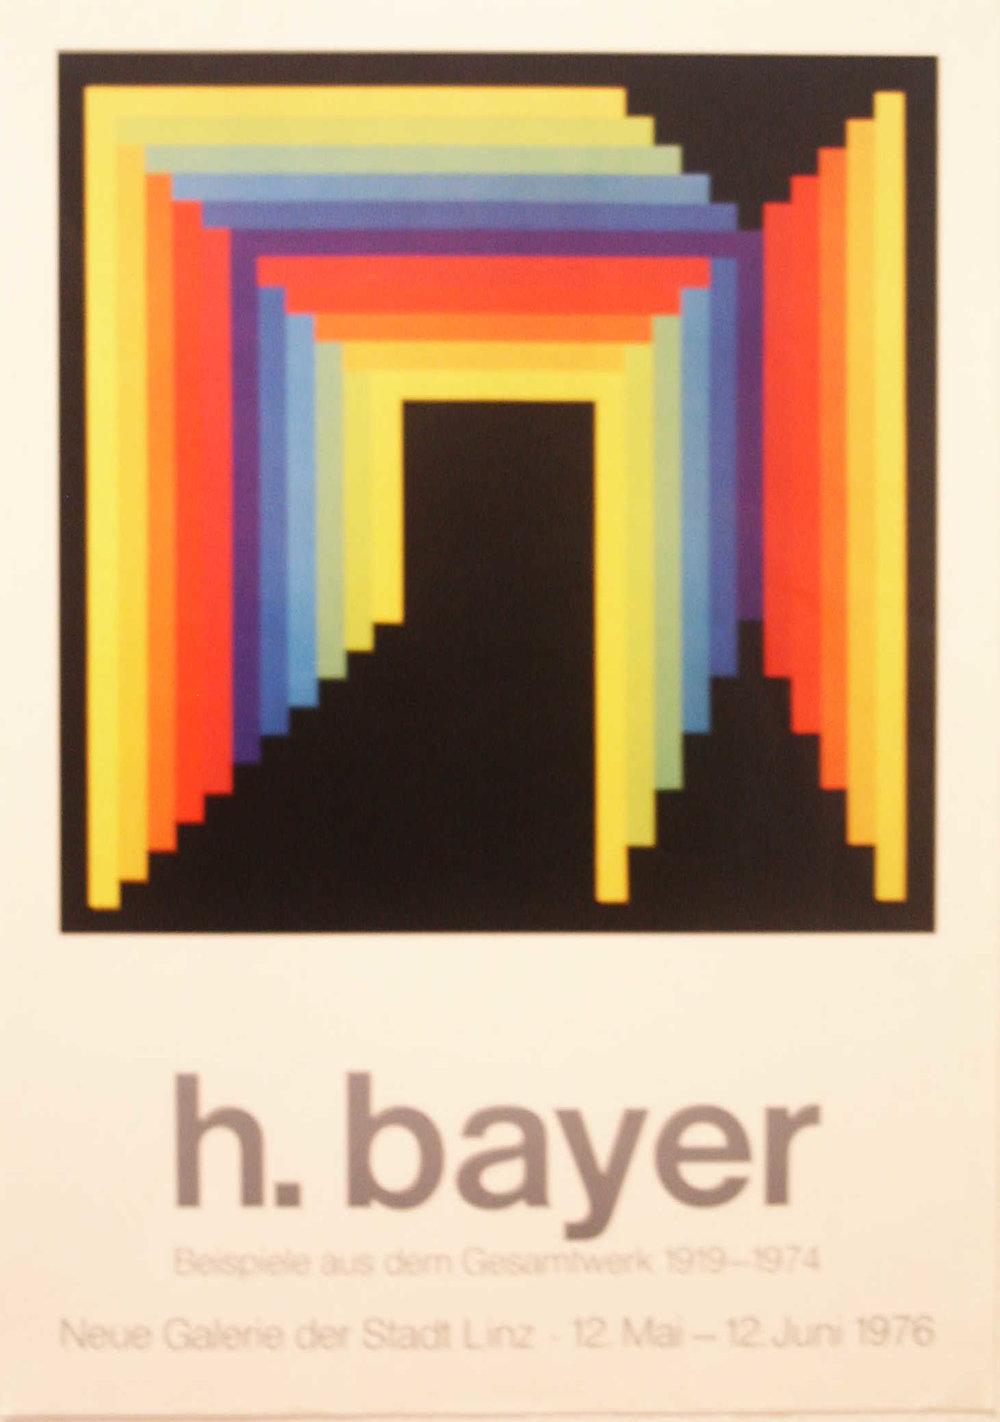 Neue Galerie 1976